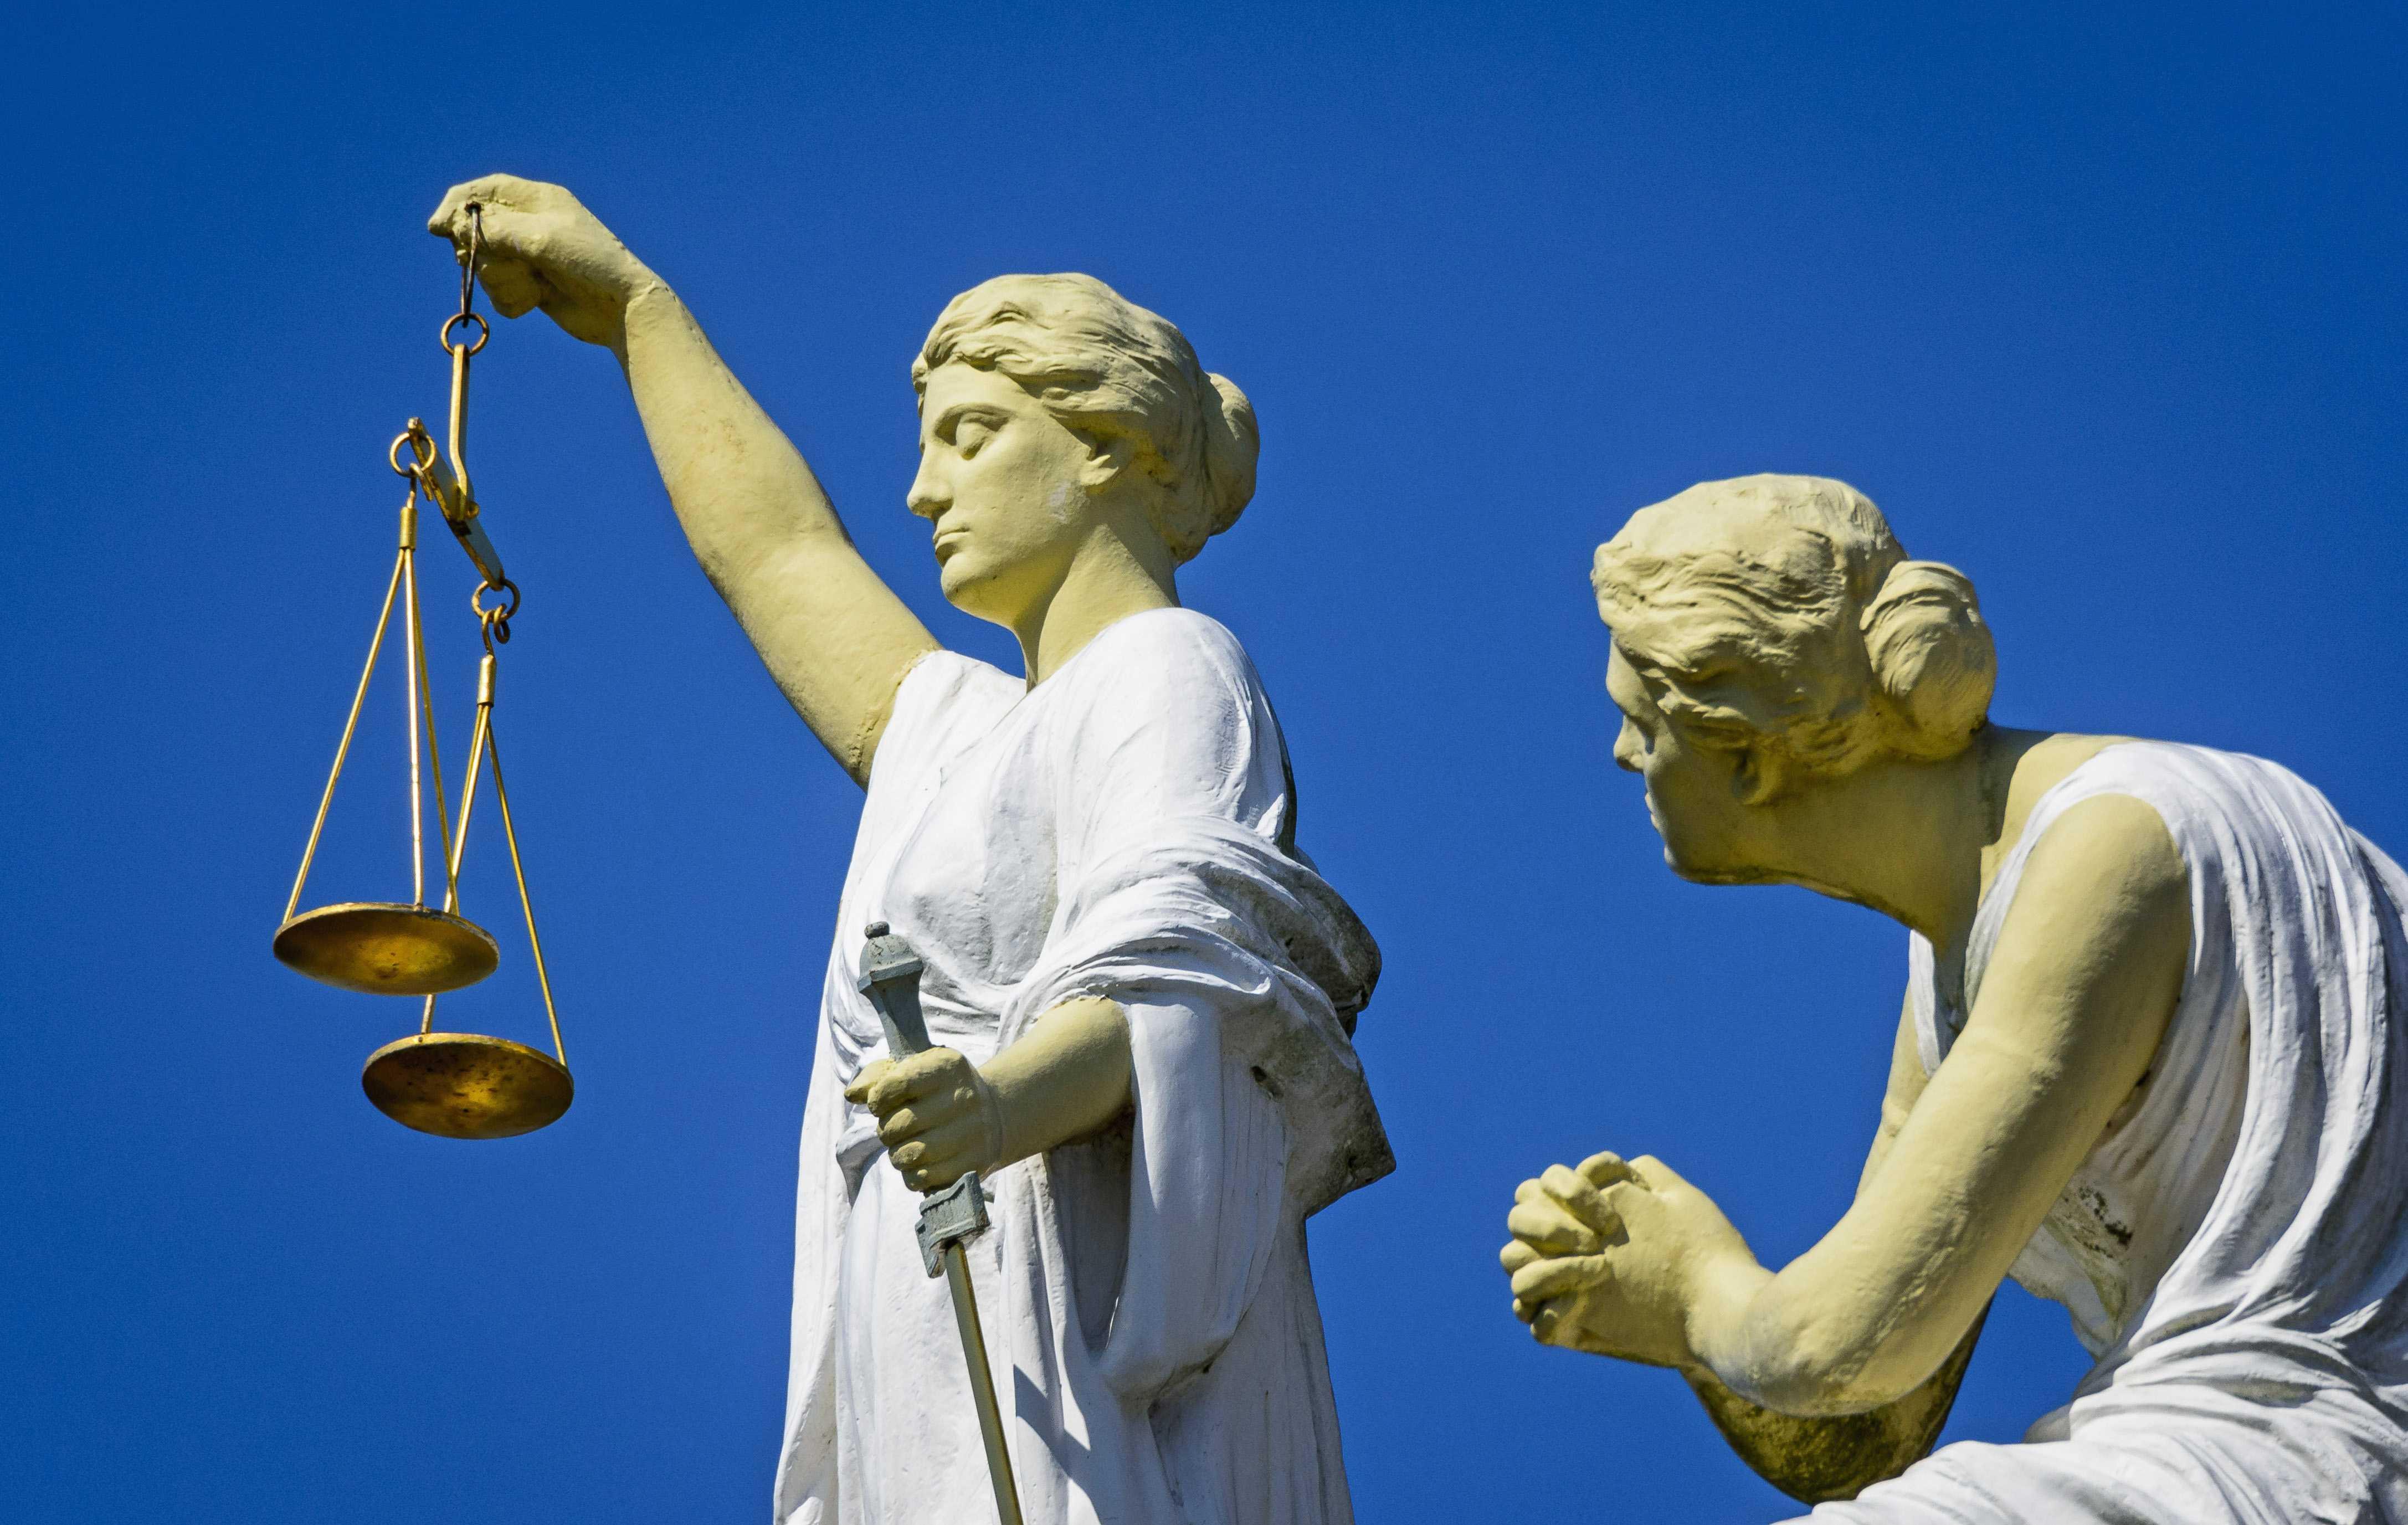 65-jarige Haarlemmer verdacht van bezit kinderporno, ook aanwijzingen voor seksueel misbruik